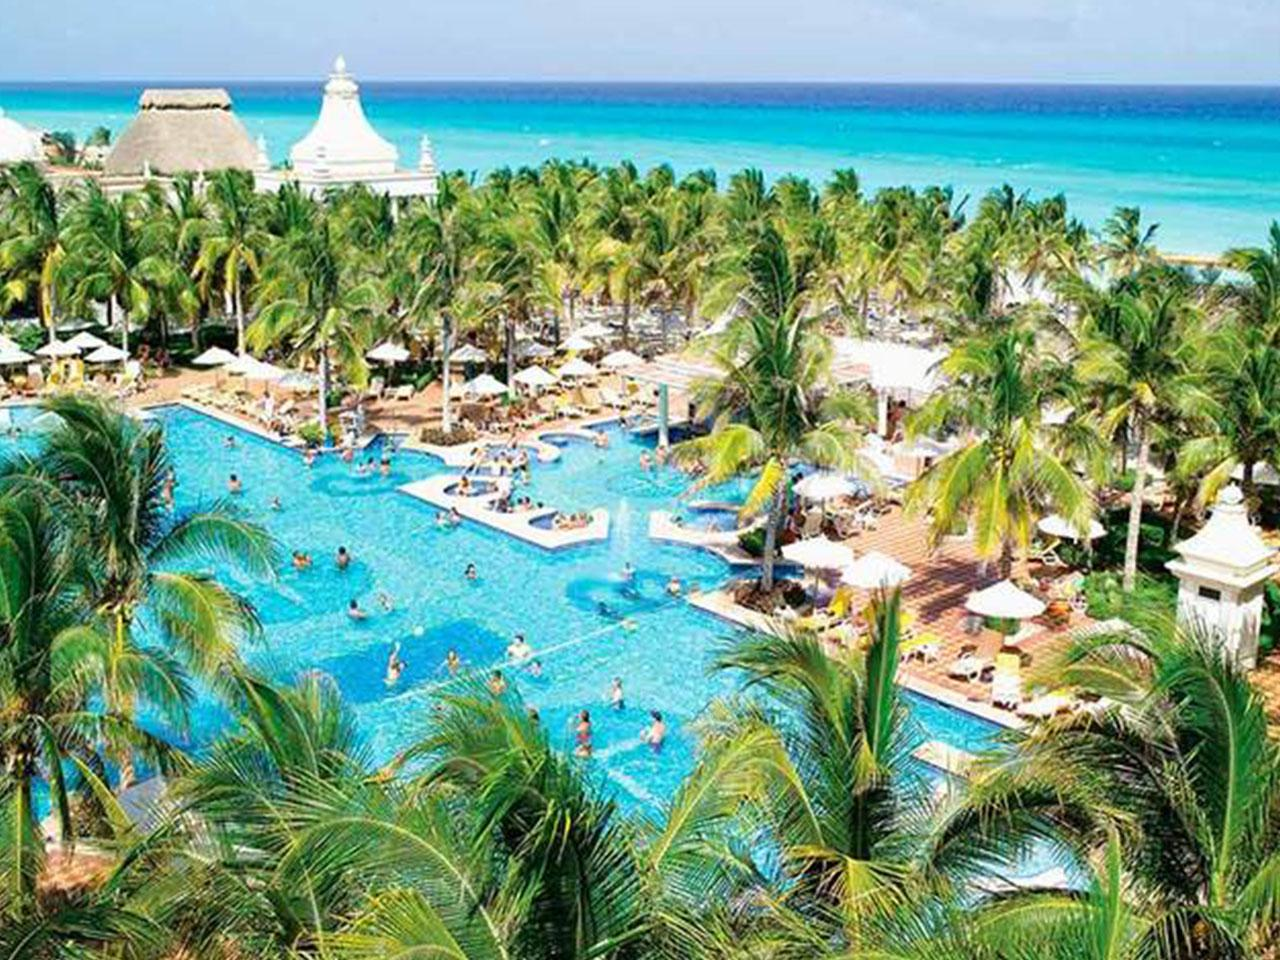 wedding Planner en Monterrey, Boda en la playa, Las mejores bodas en la playa en México -wedding Planner en Monterrey, Boda en la playa, Las mejores bodas en la playa en México -Paquete 1: boda gratis